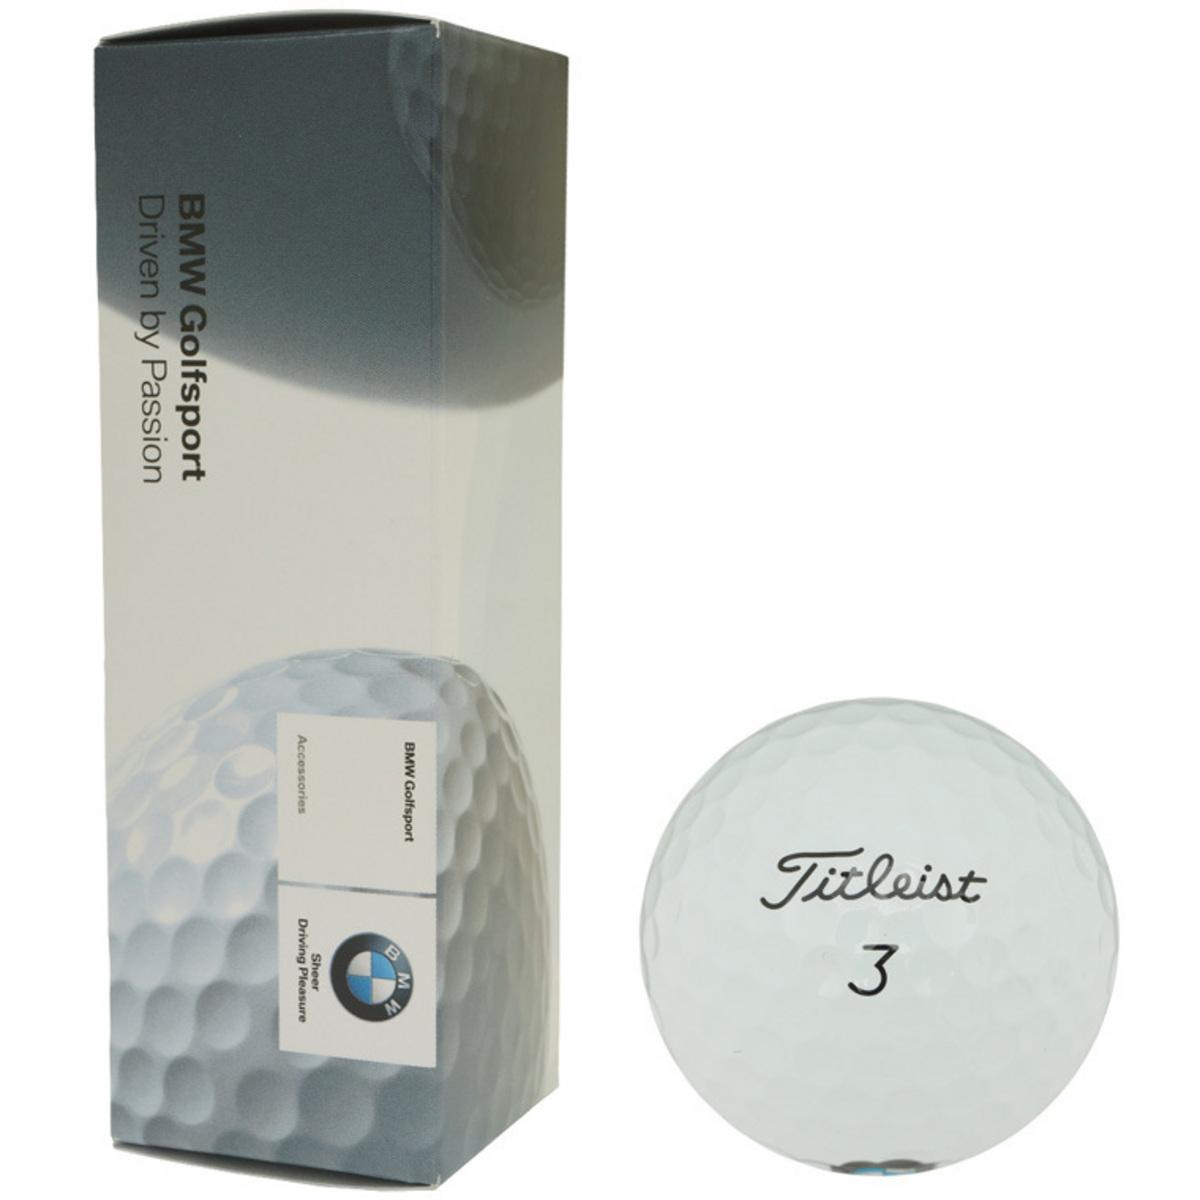 ゴルフボール Titleist ProV1 3個入り 8023 2284 799